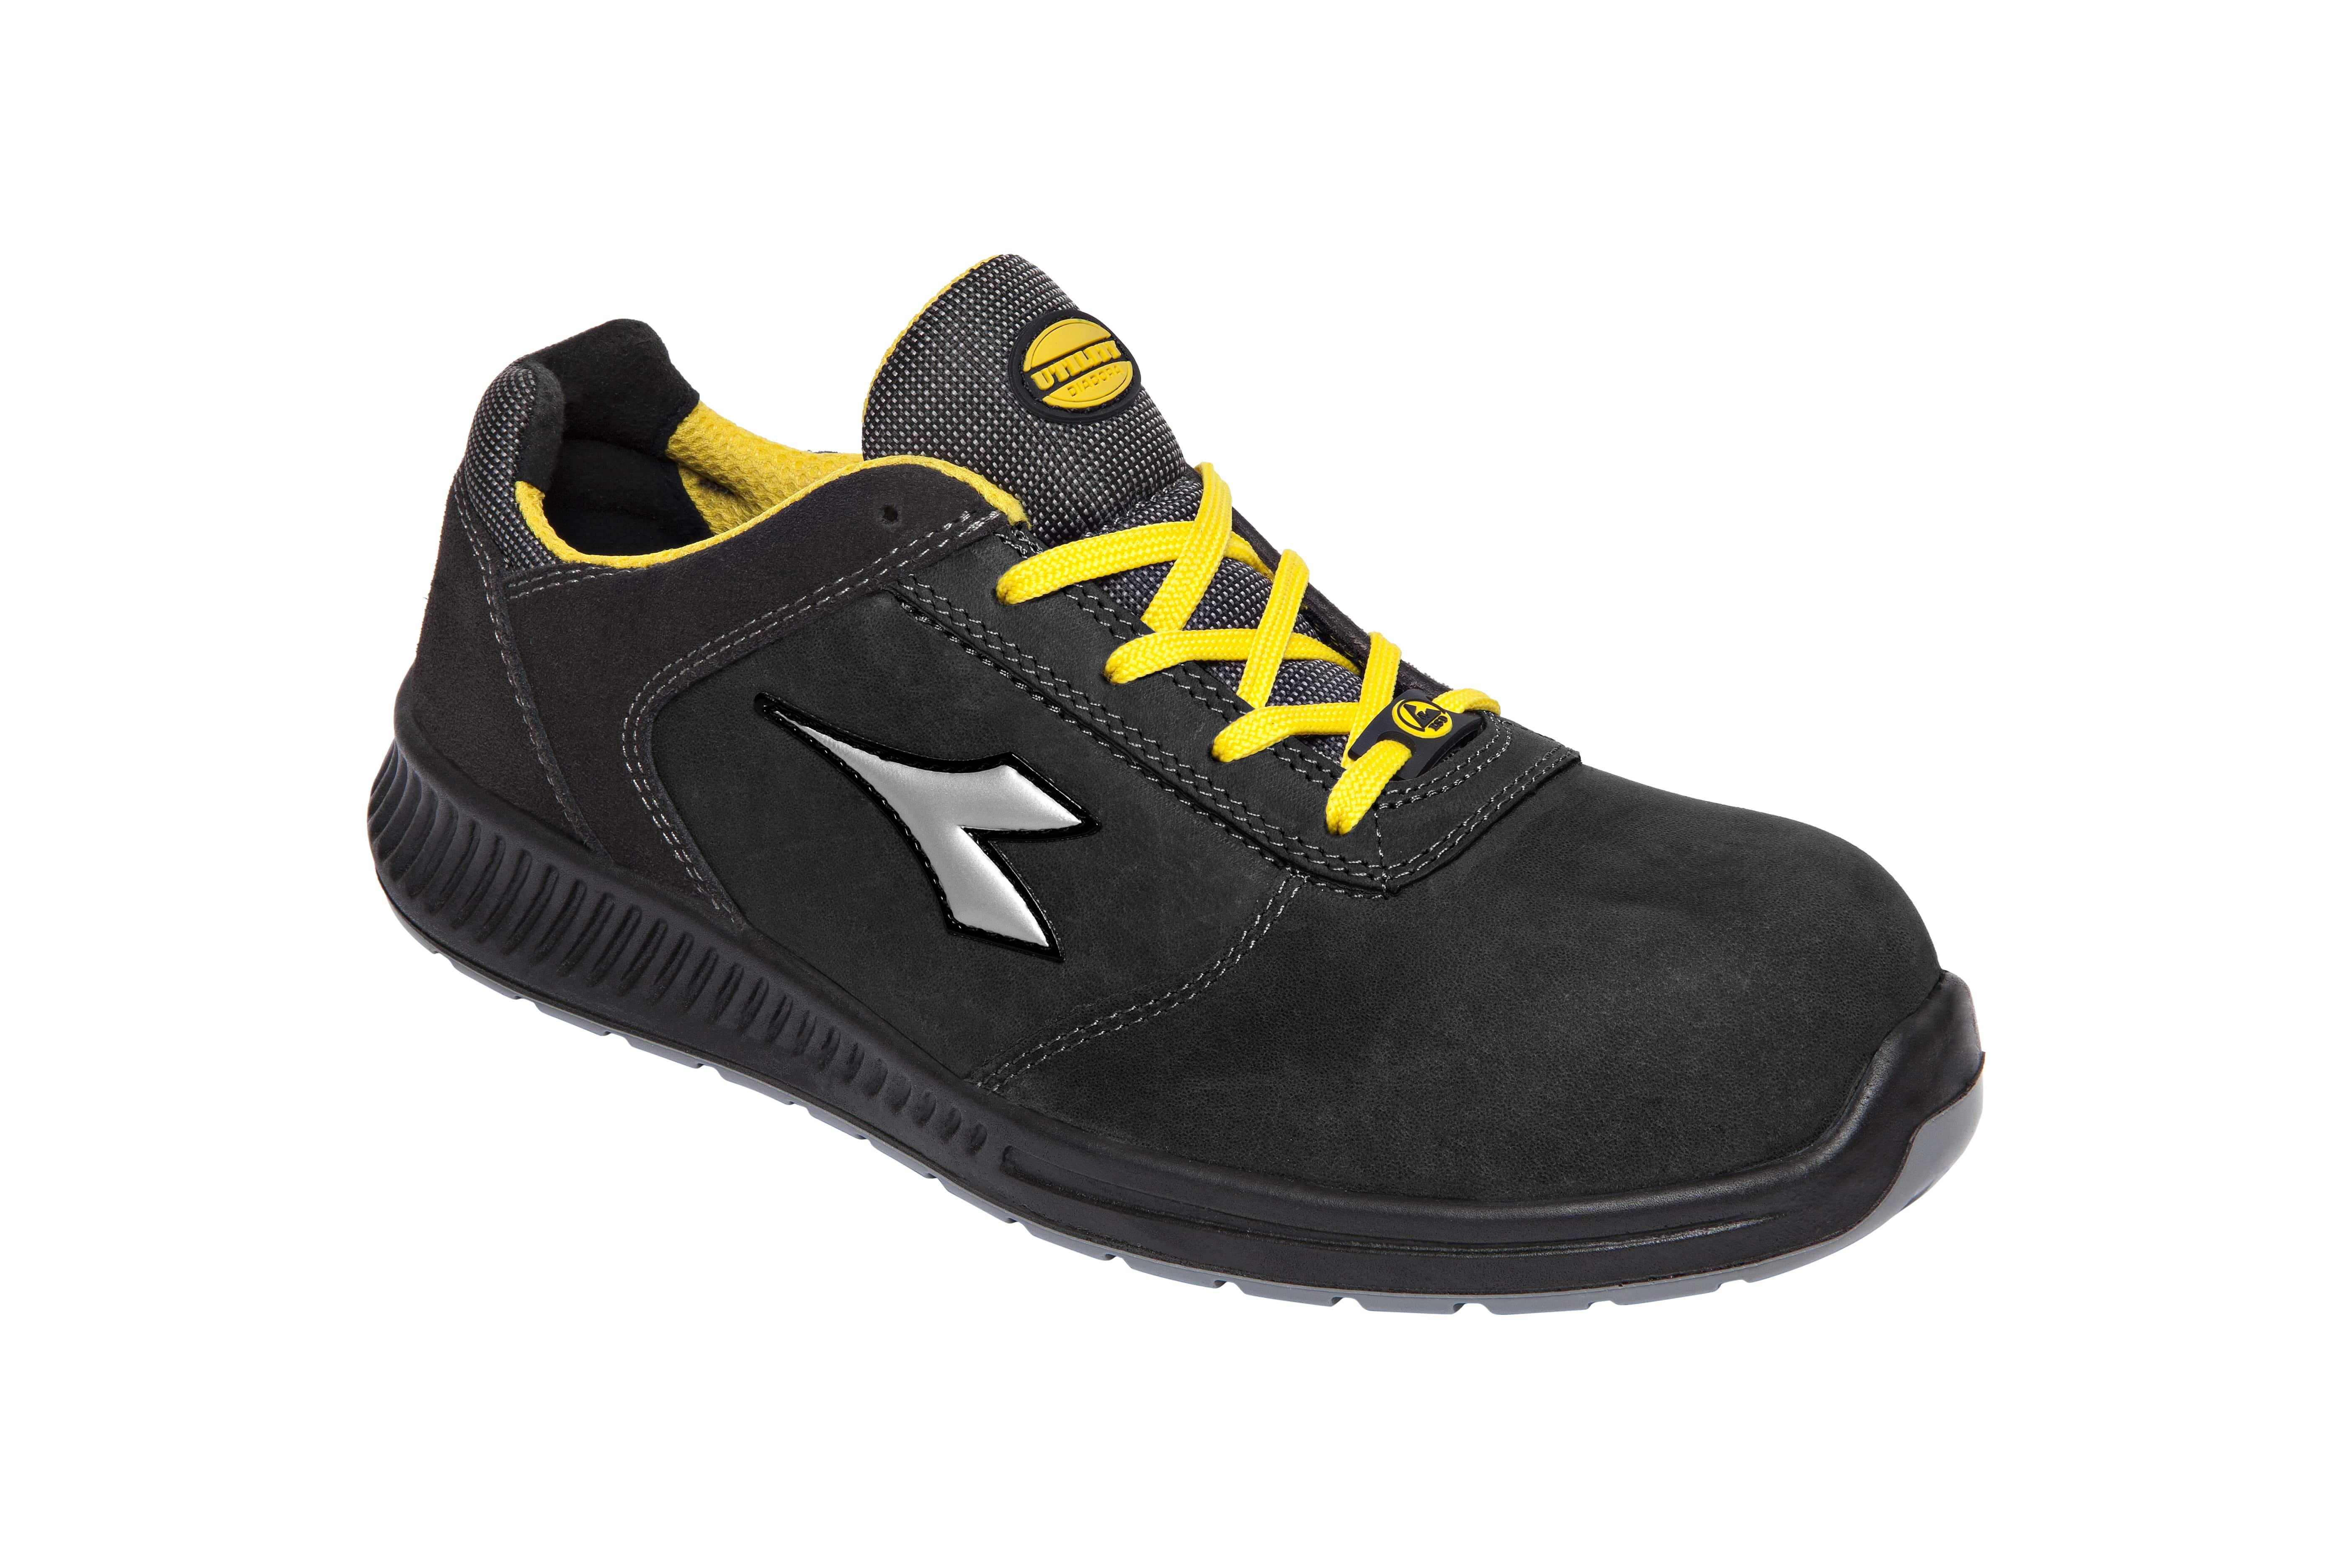 09afdca11ef Zapatos de seguridad cierre de cordones | Comprar zapatos de trabajo ...